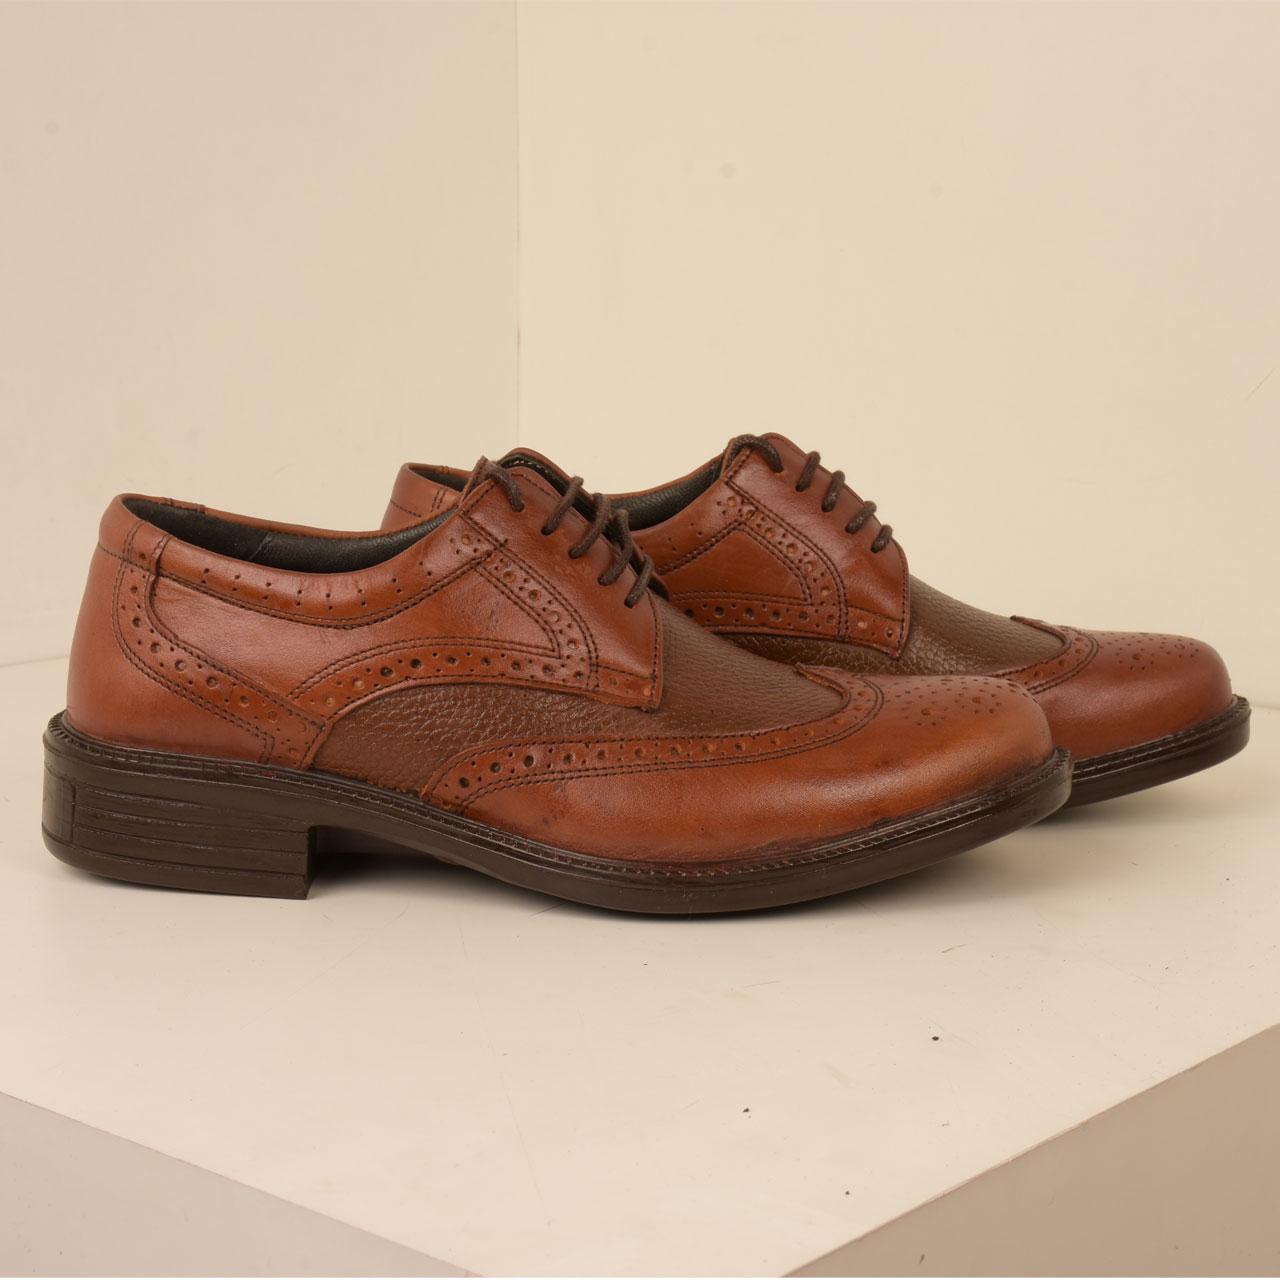 PARINECHARM leather men's shoes , SHO177-1 Model